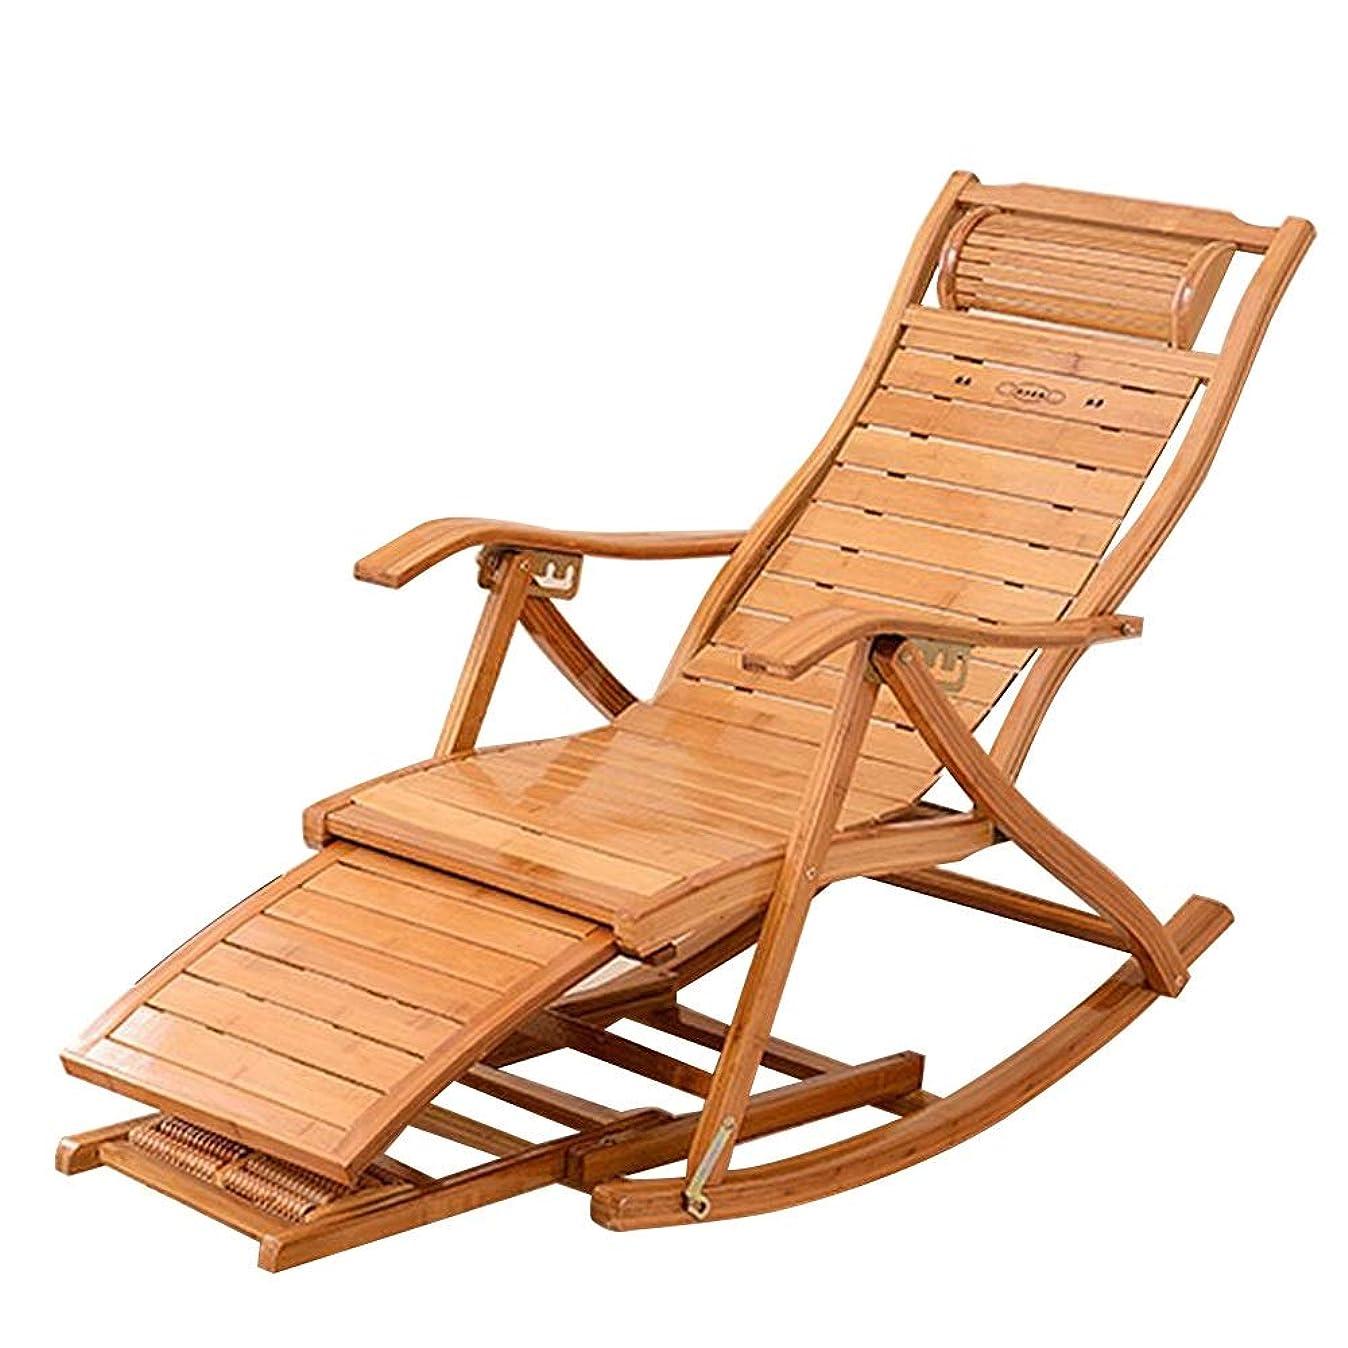 結晶器官悪性竹のデッキチェア、引き込み式のフットレストおよびマッサージのローラーが付いている携帯用大人の安楽椅子の庭のバルコニーのための老人の仮眠の椅子